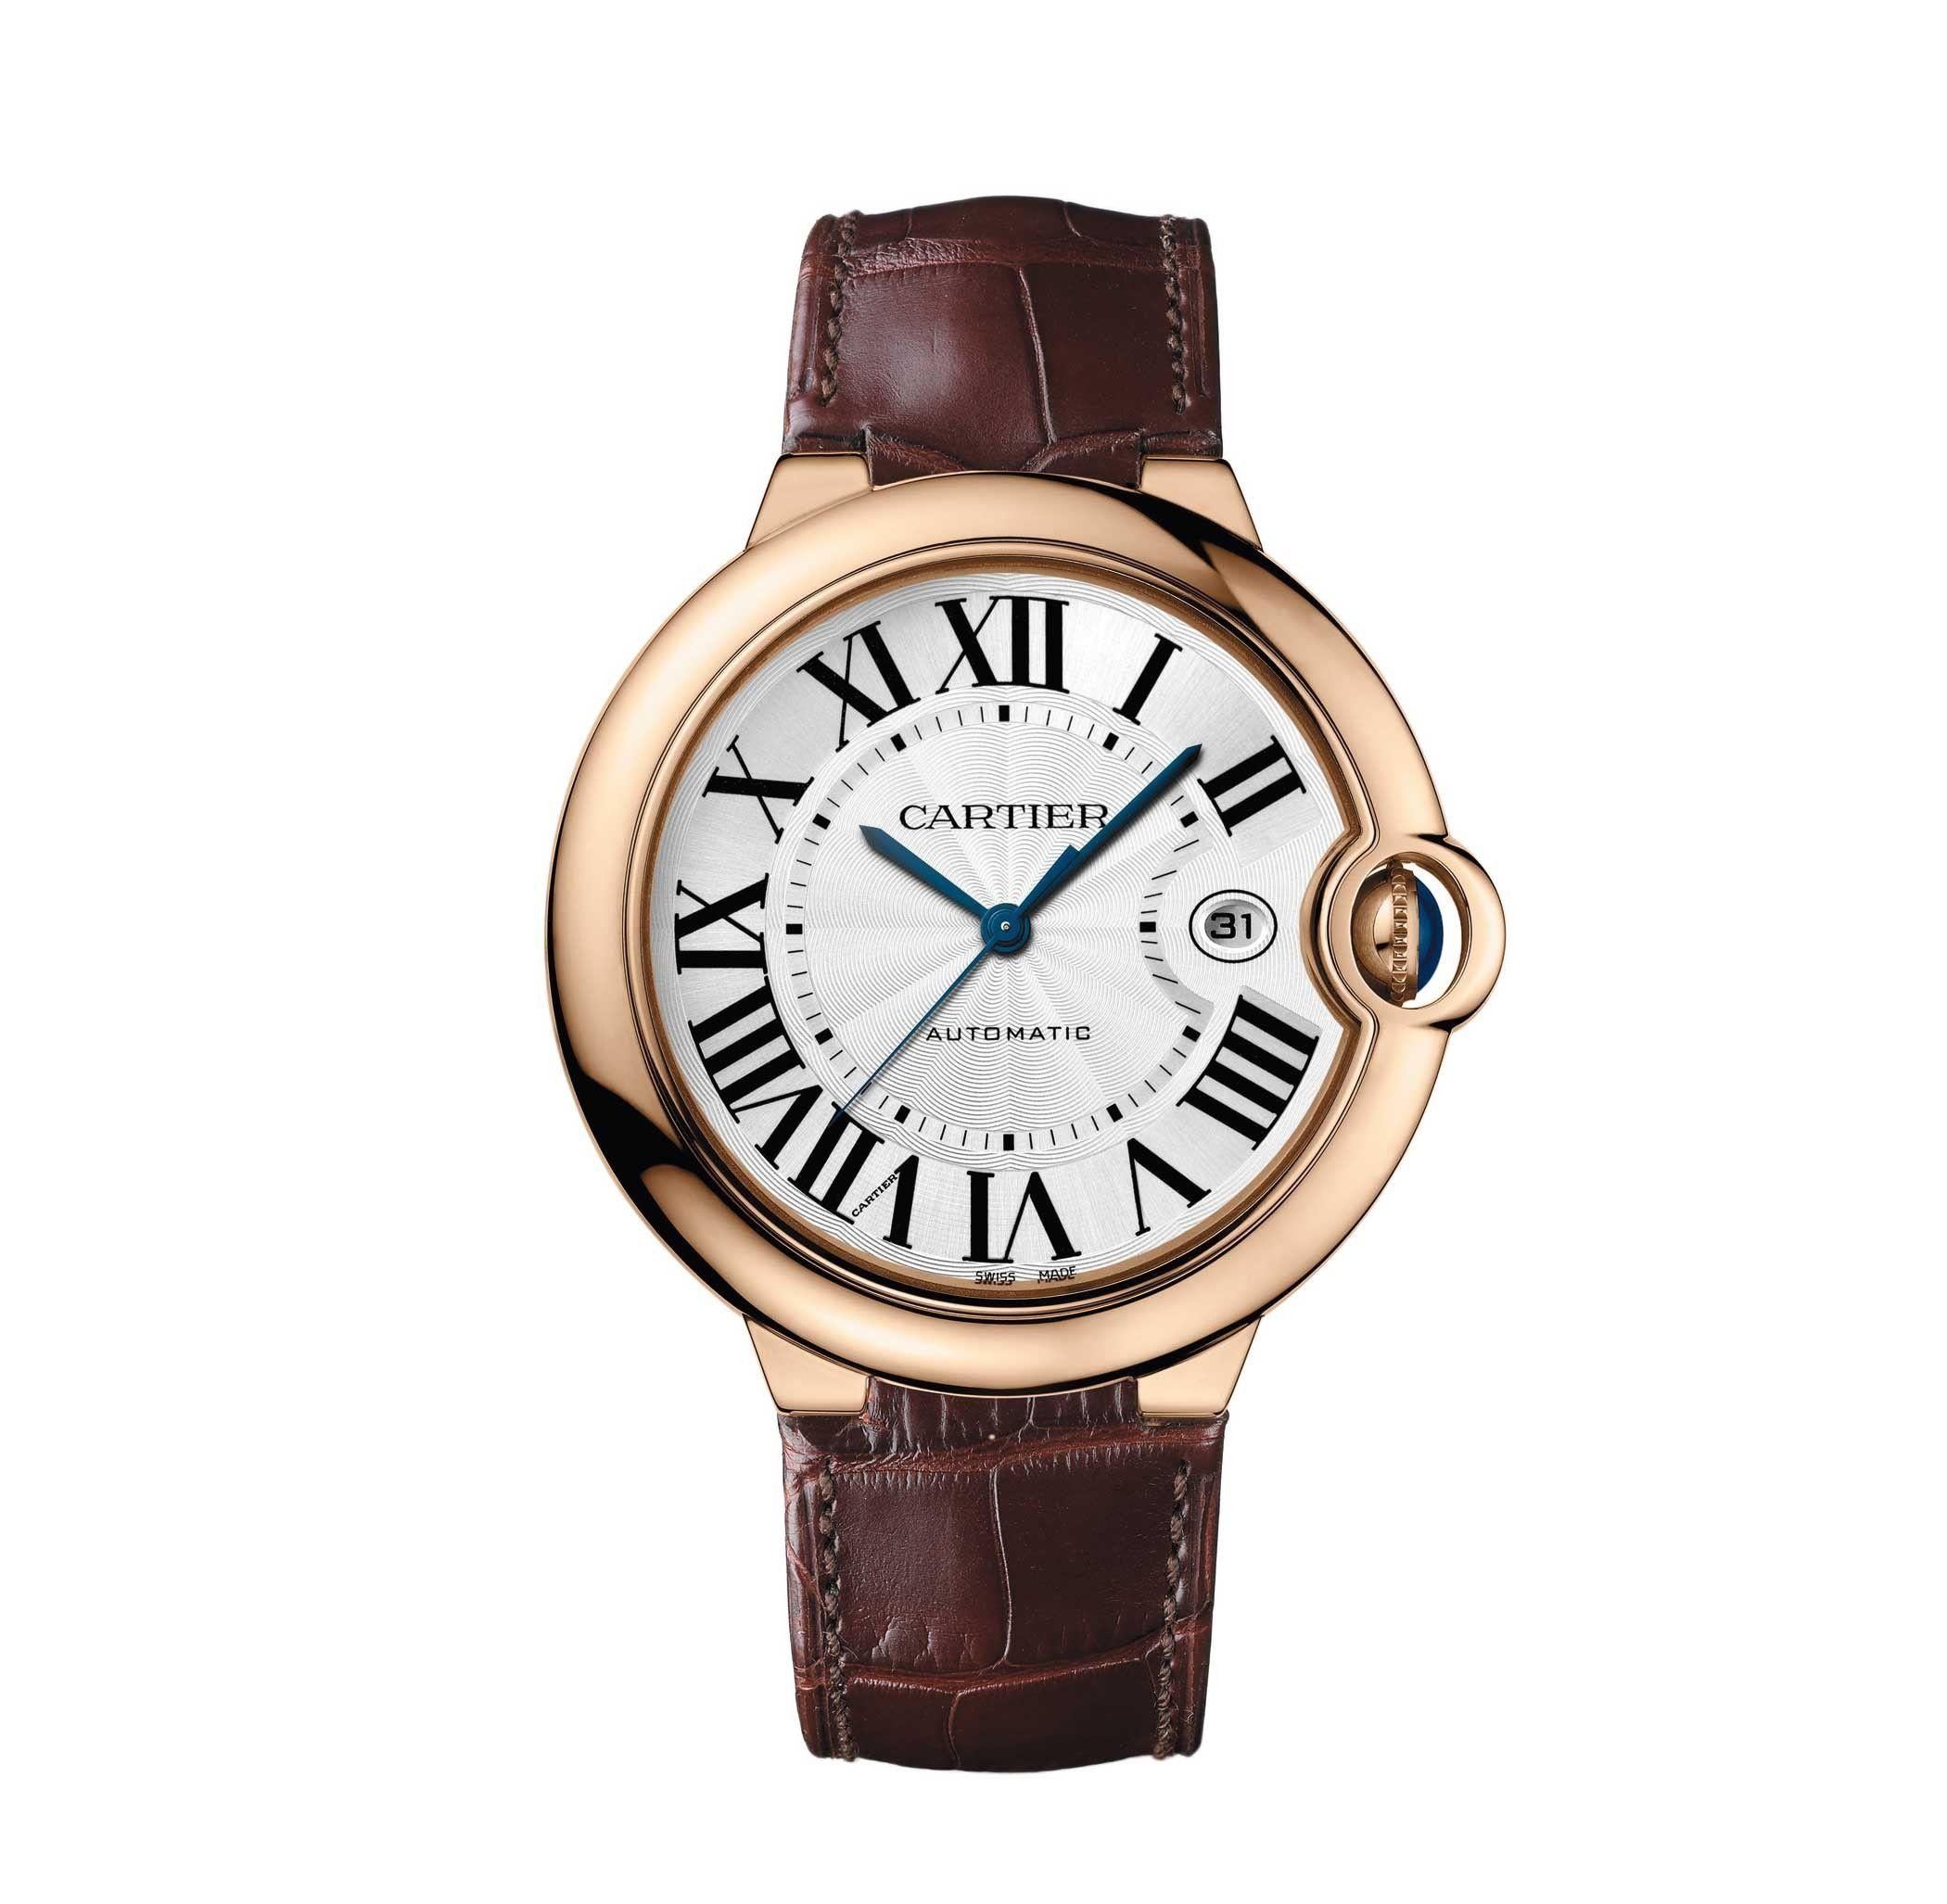 Introducing The Cartier Ballon Bleu De Cartier Men S Watch